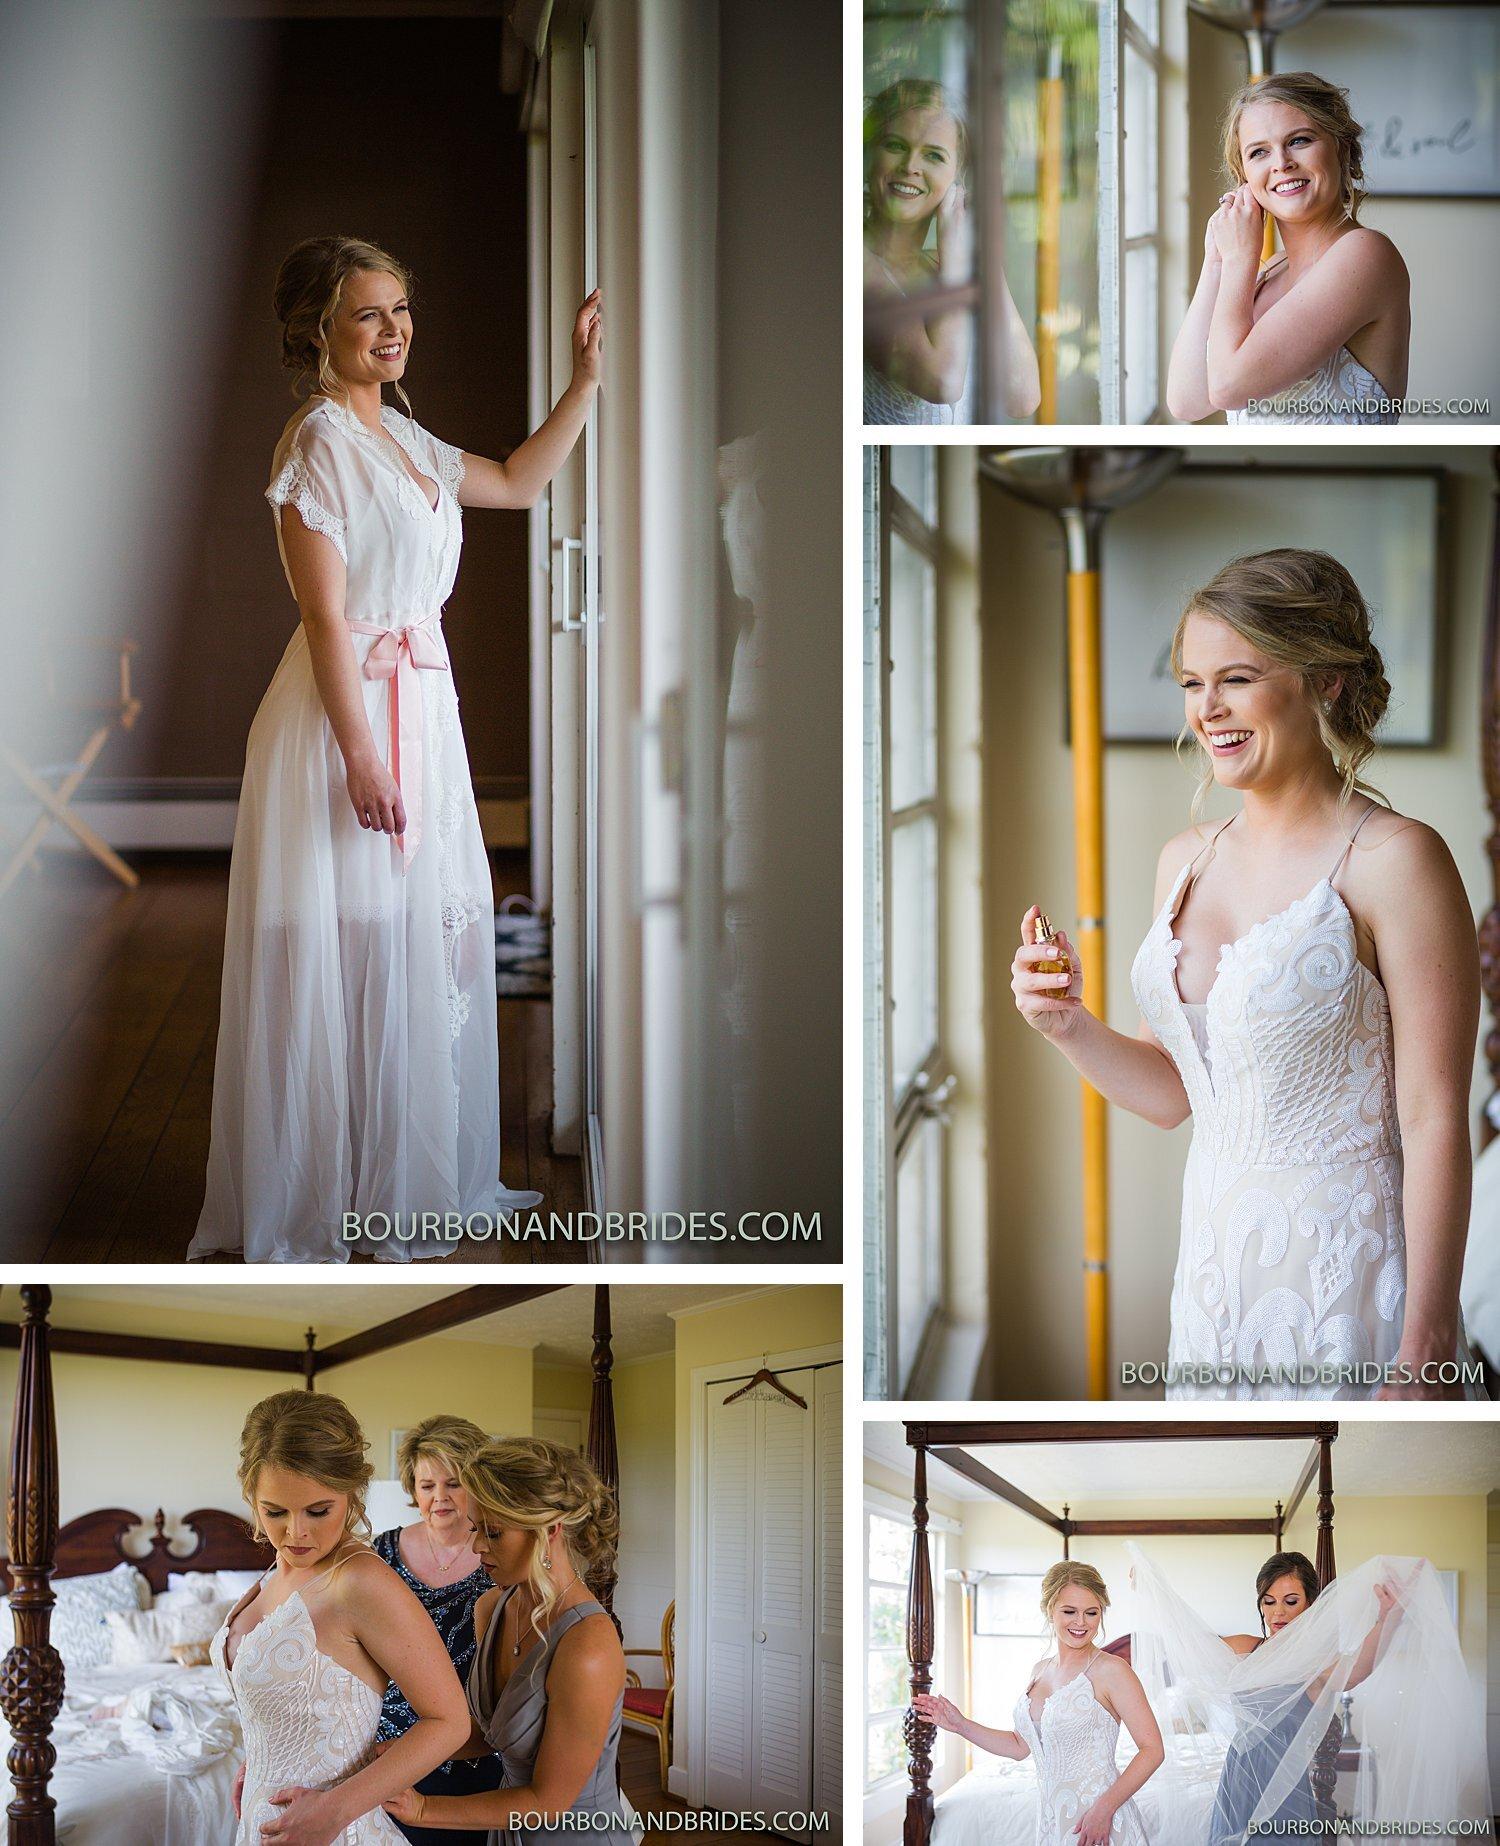 Kentucky-wedding-photography-forest-retreat_0003.jpg